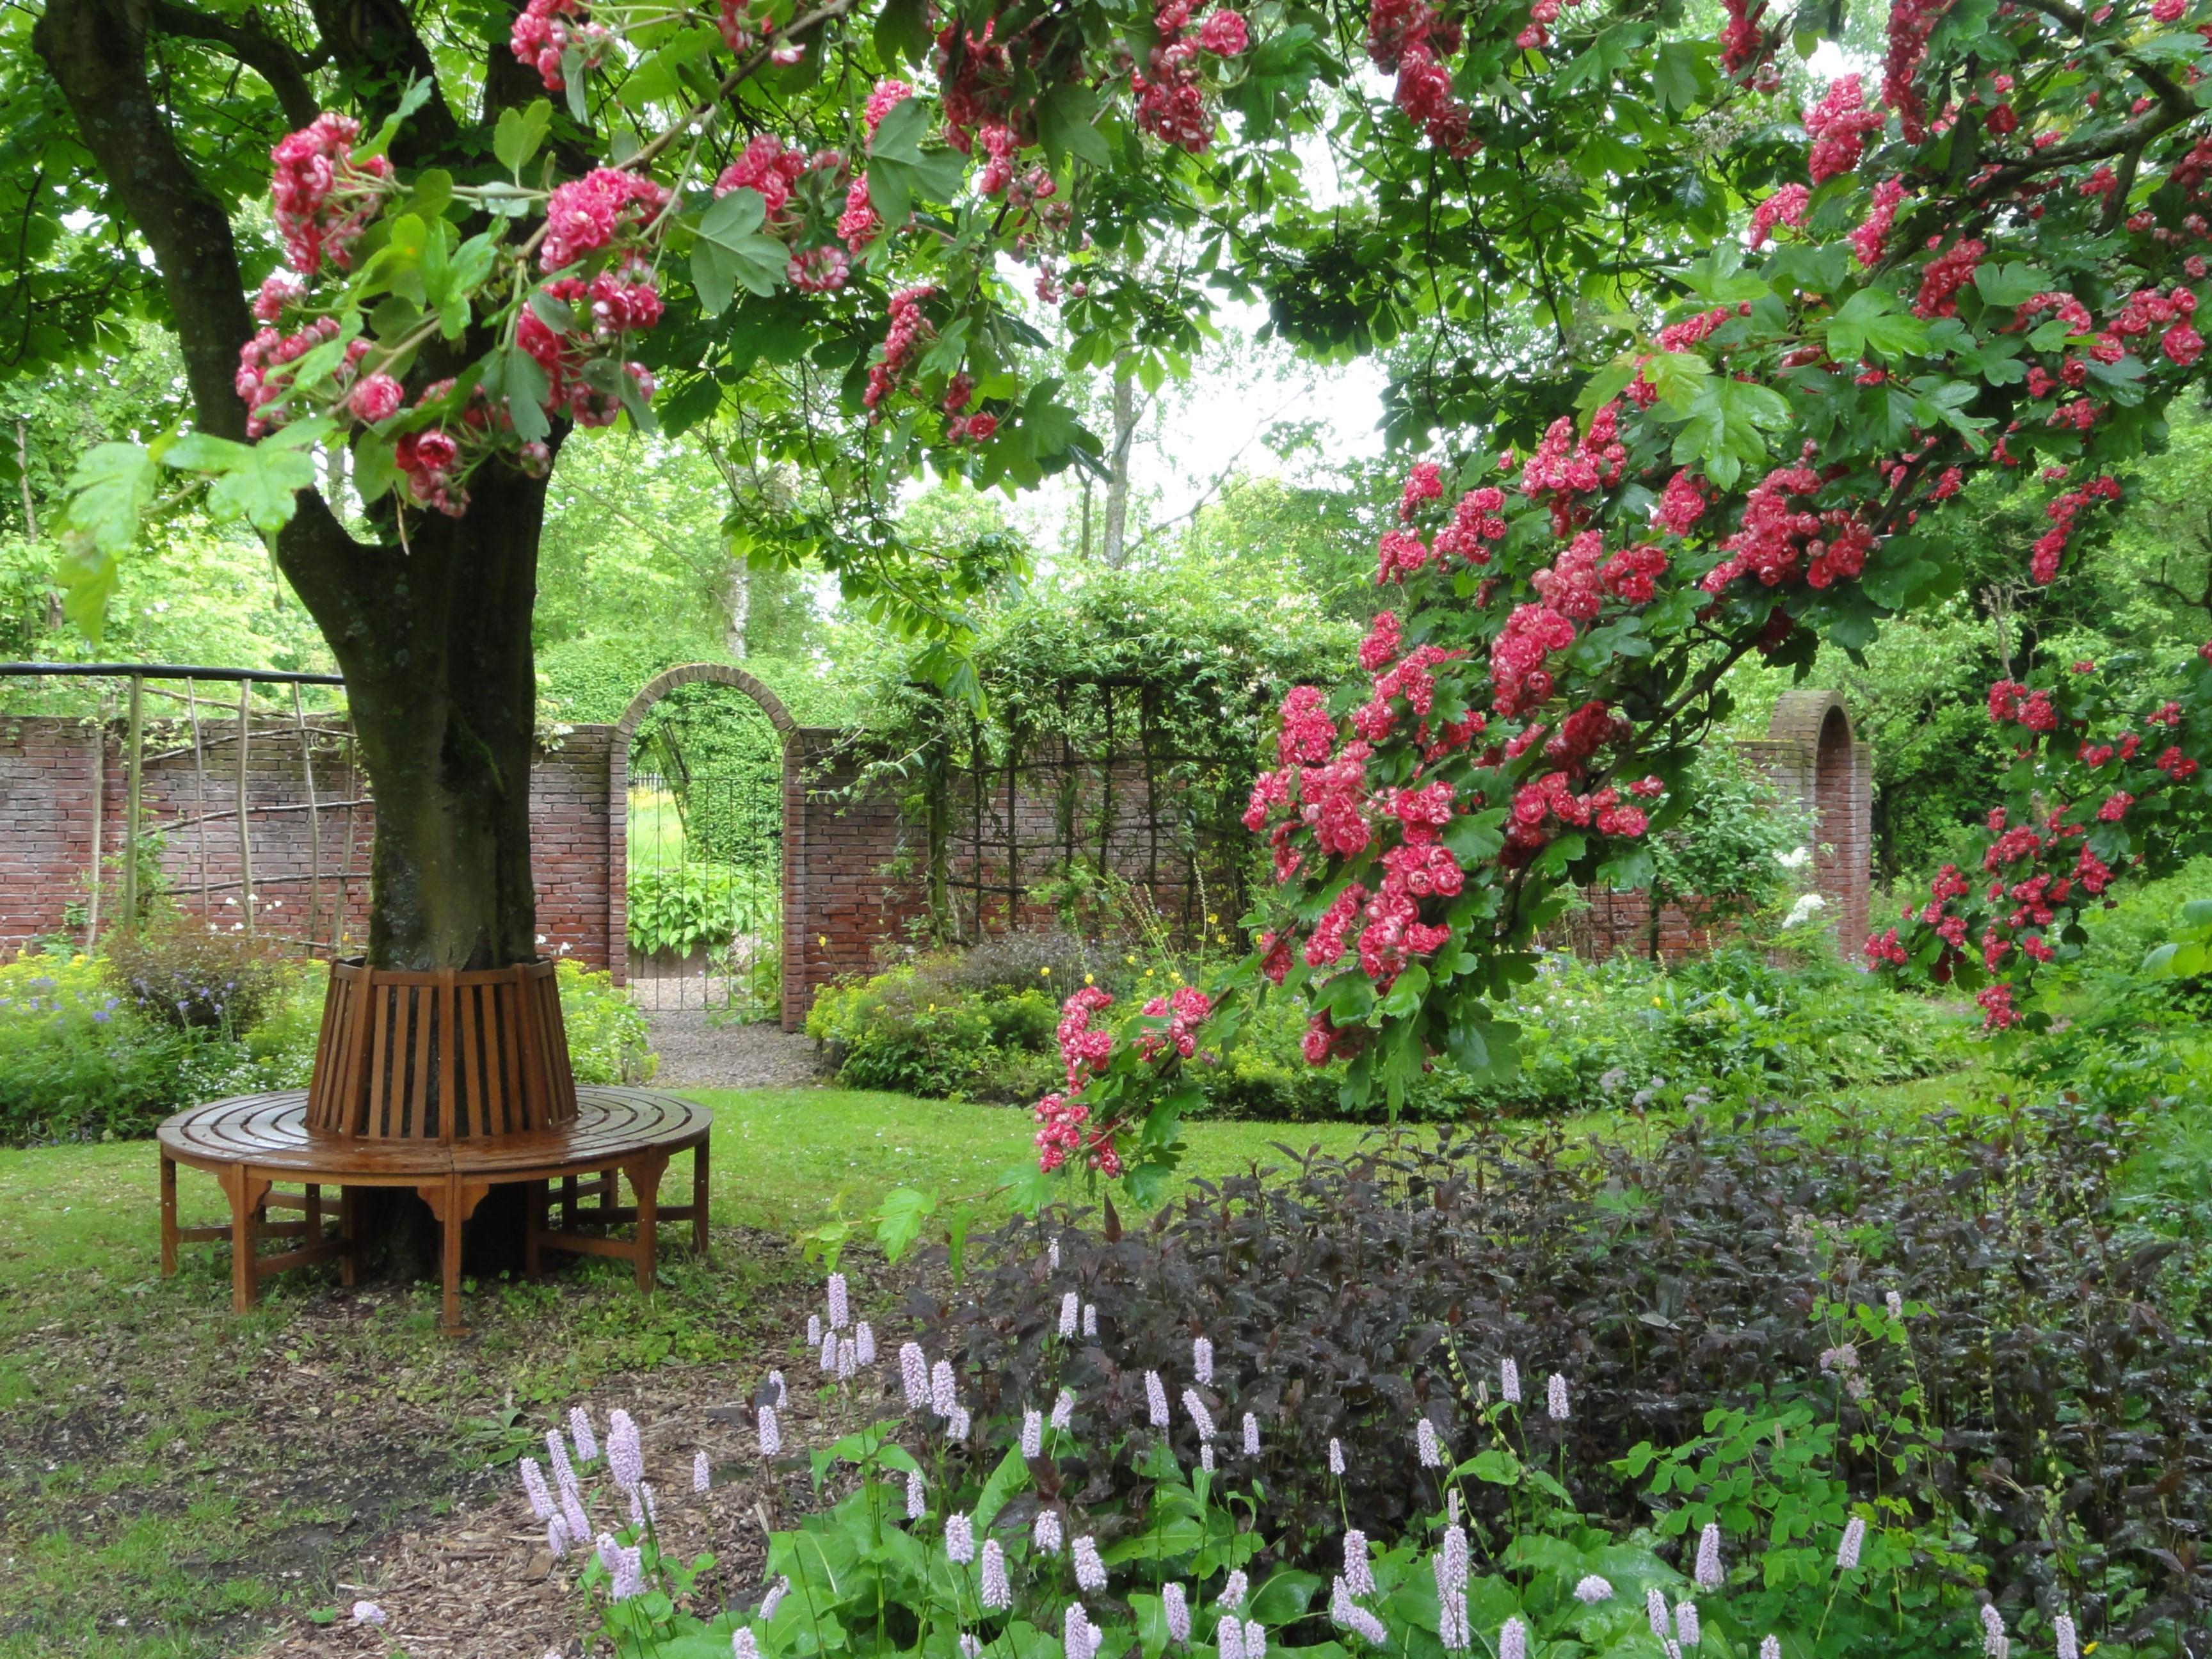 De Magische Tuin : Open tuin magische momenten tijdens langste dag zintuigen